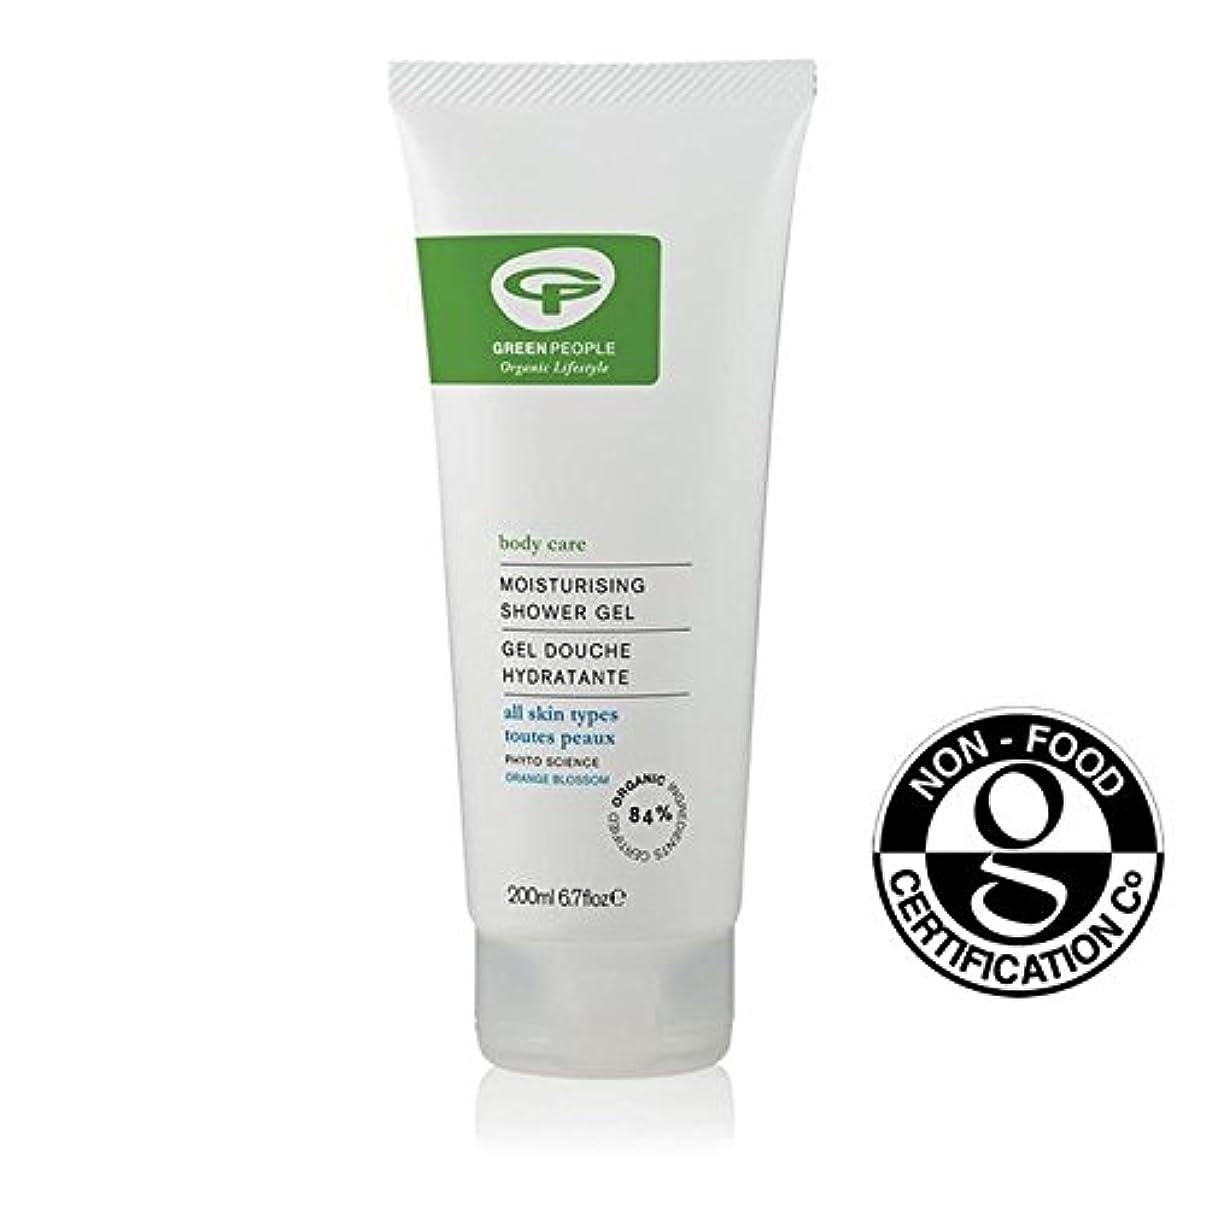 いつでもインカ帝国見物人緑の人々の有機保湿シャワージェル200 x4 - Green People Organic Moisturising Shower Gel 200ml (Pack of 4) [並行輸入品]